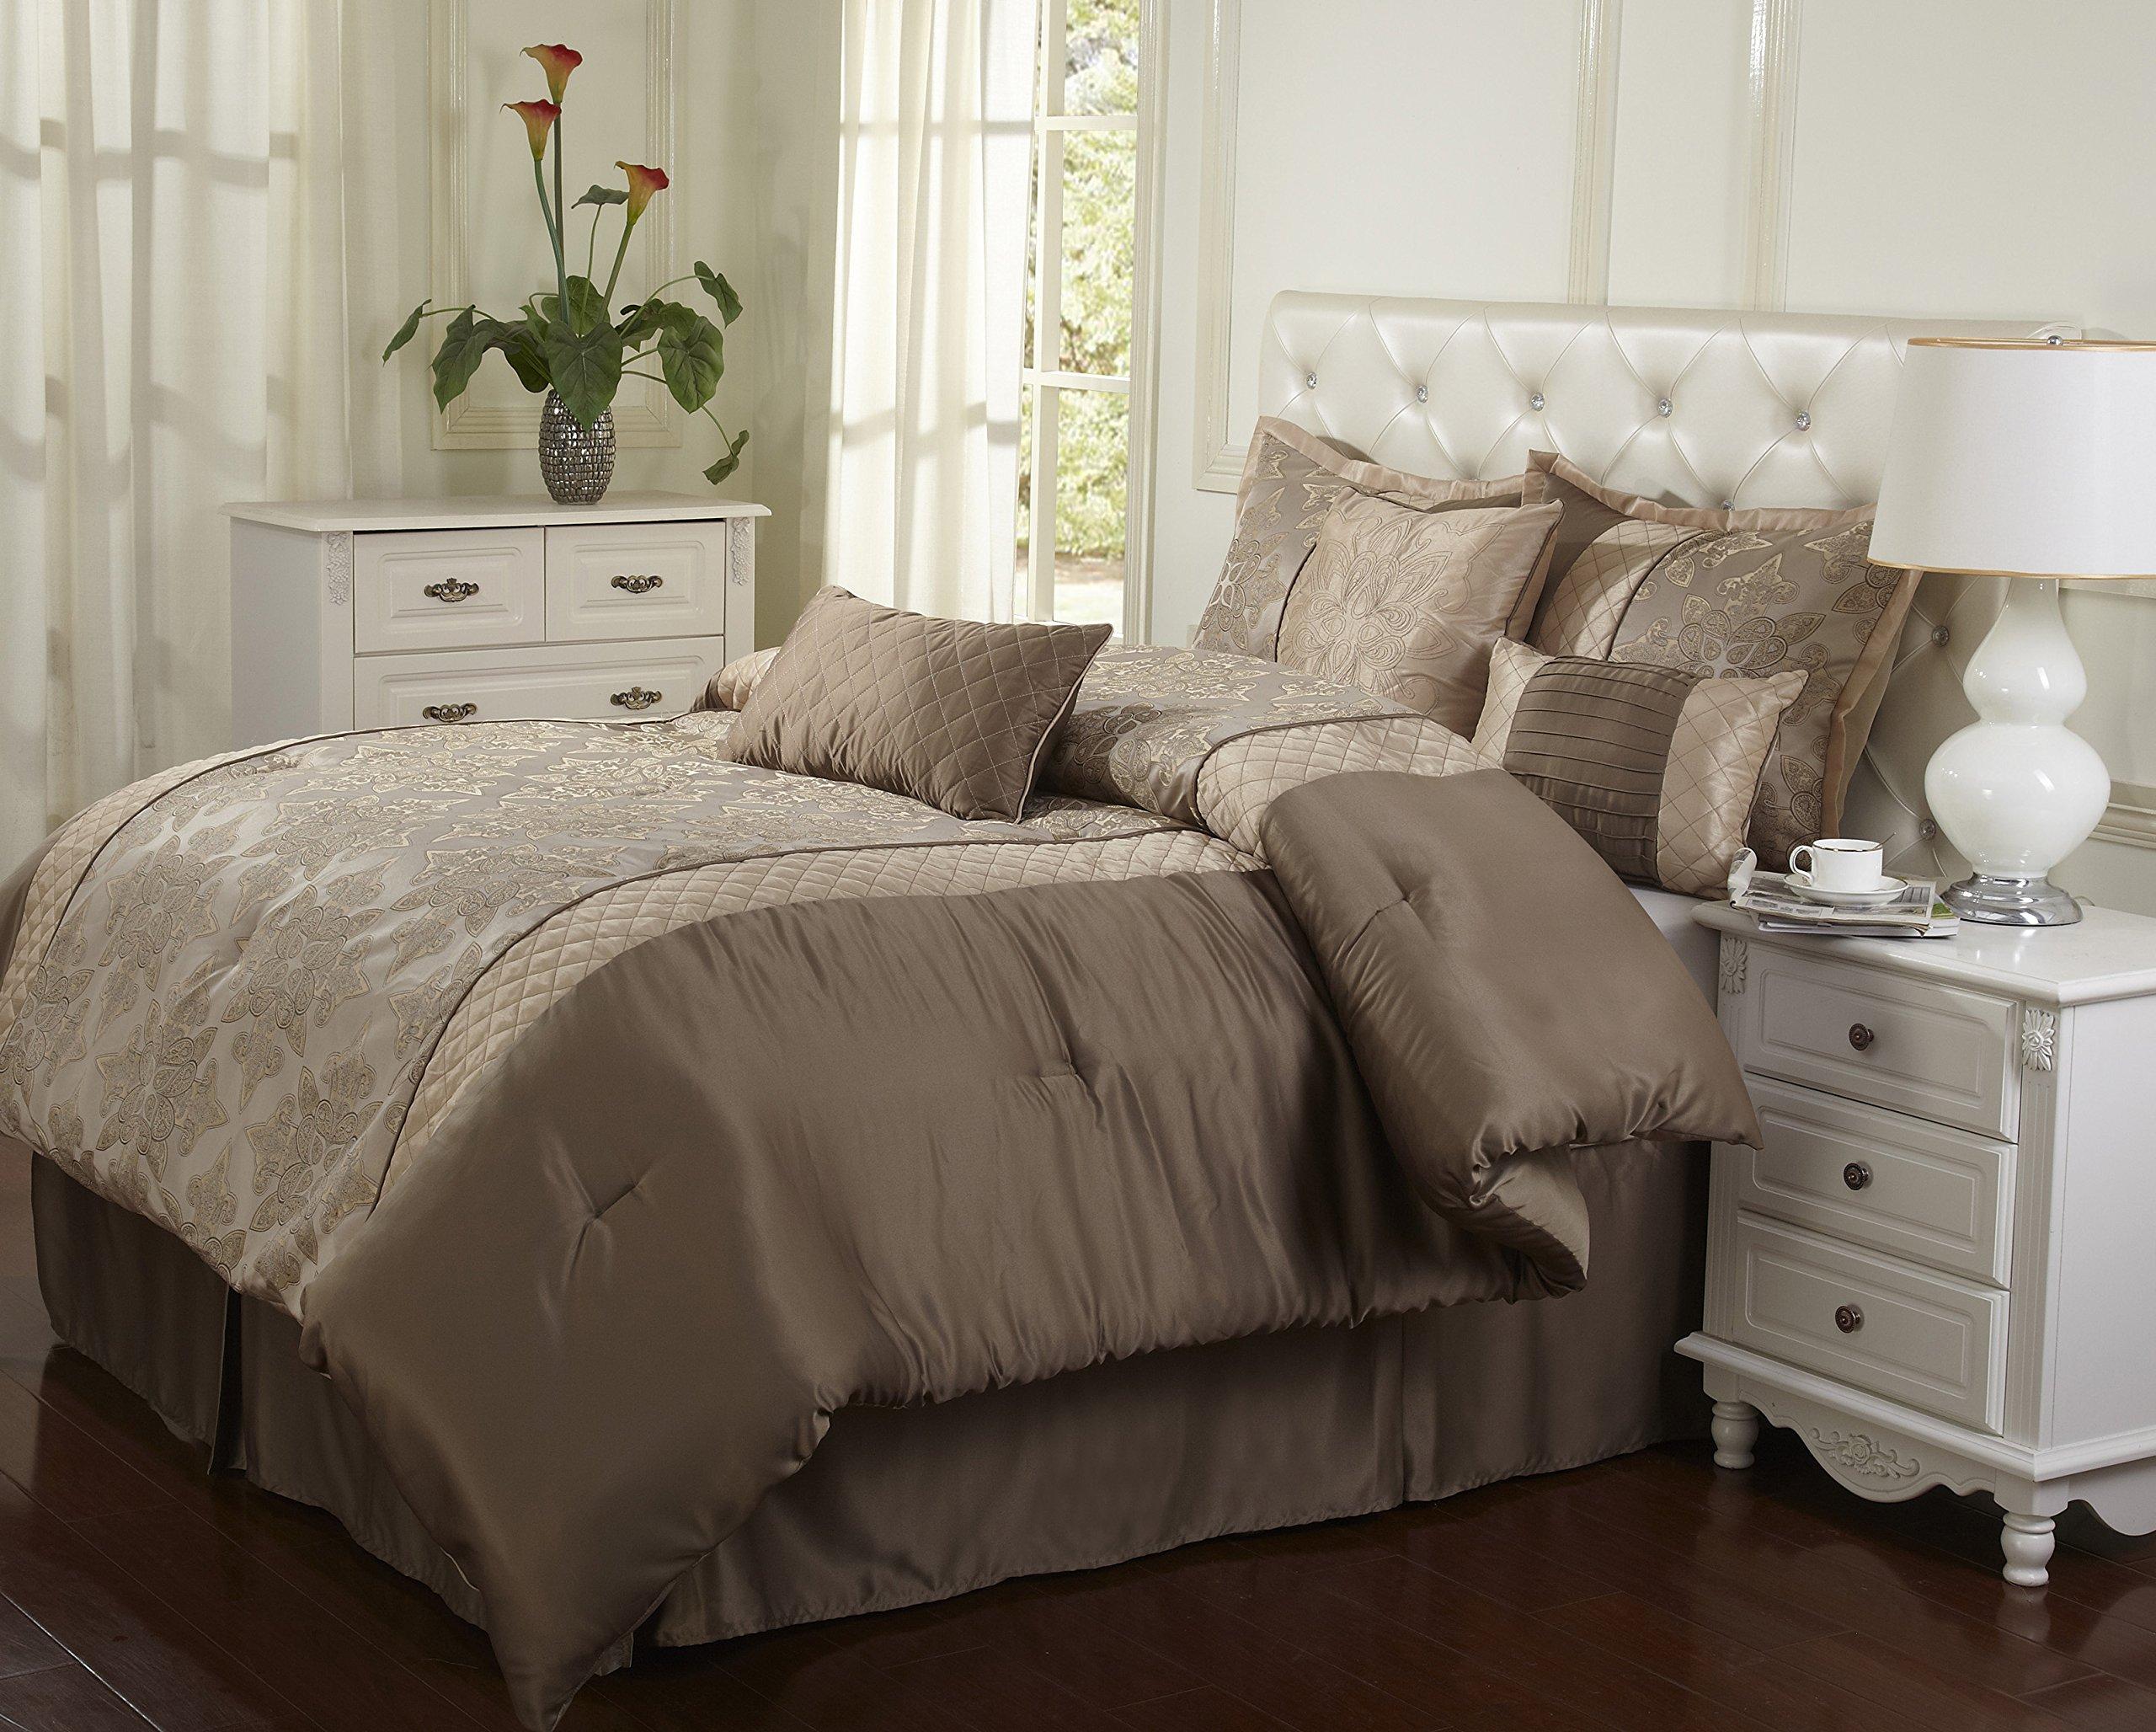 Nanshing America Montage 7 Piece Comforter Set, California King, Taupe